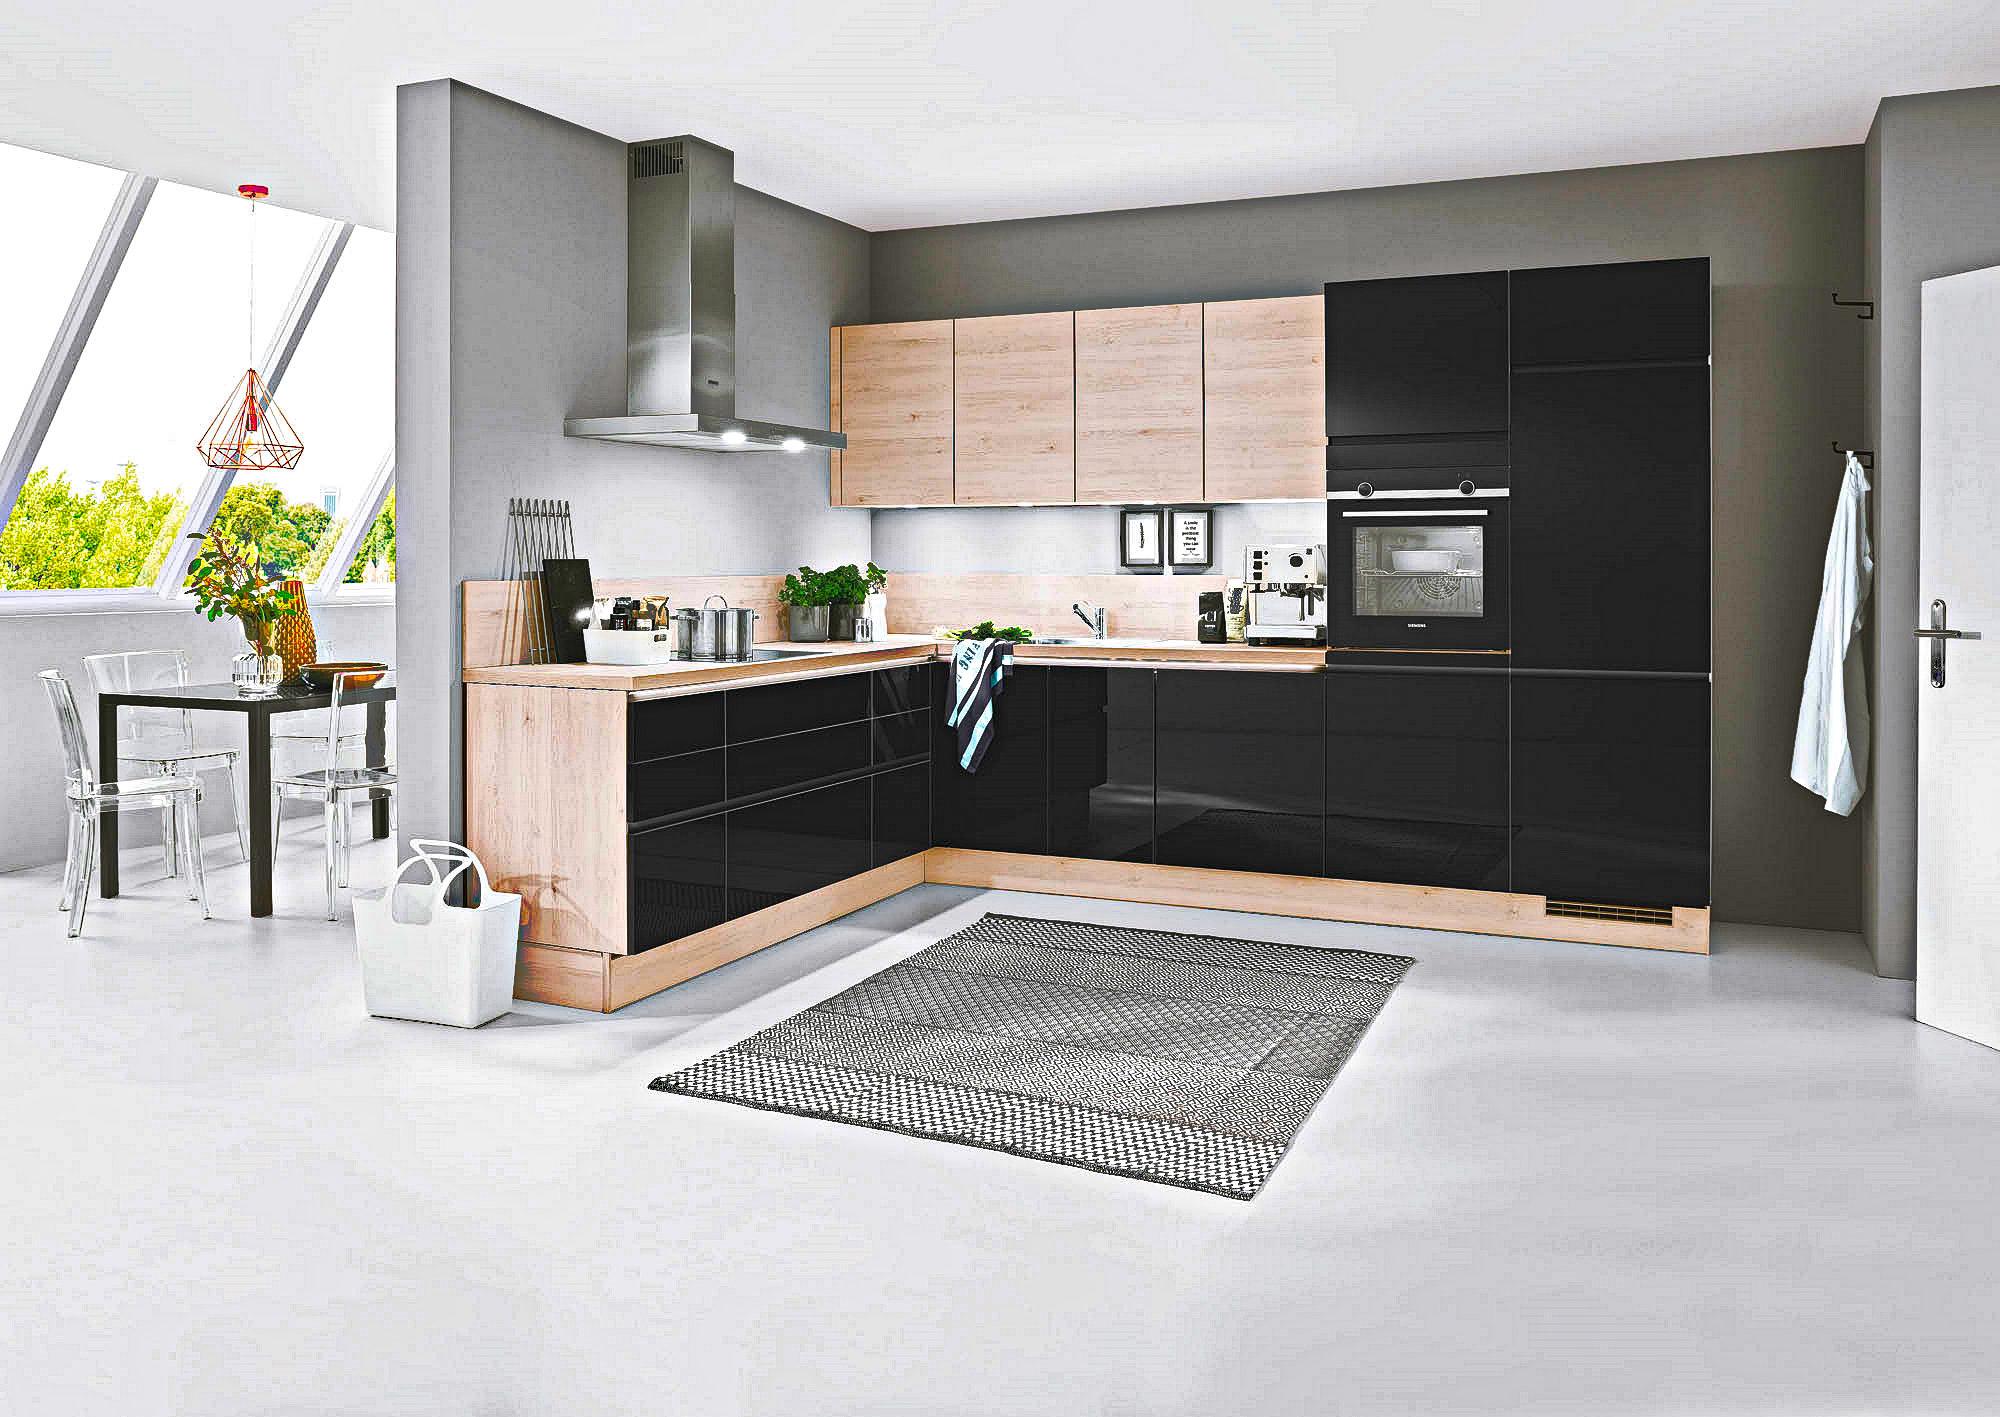 Full Size of Schwarze Küche Rauchküche Schwarze Küche Matt Schwarze Küche Fingerabdrücke Schwarze Küche Landhausstil Küche Schwarze Küche